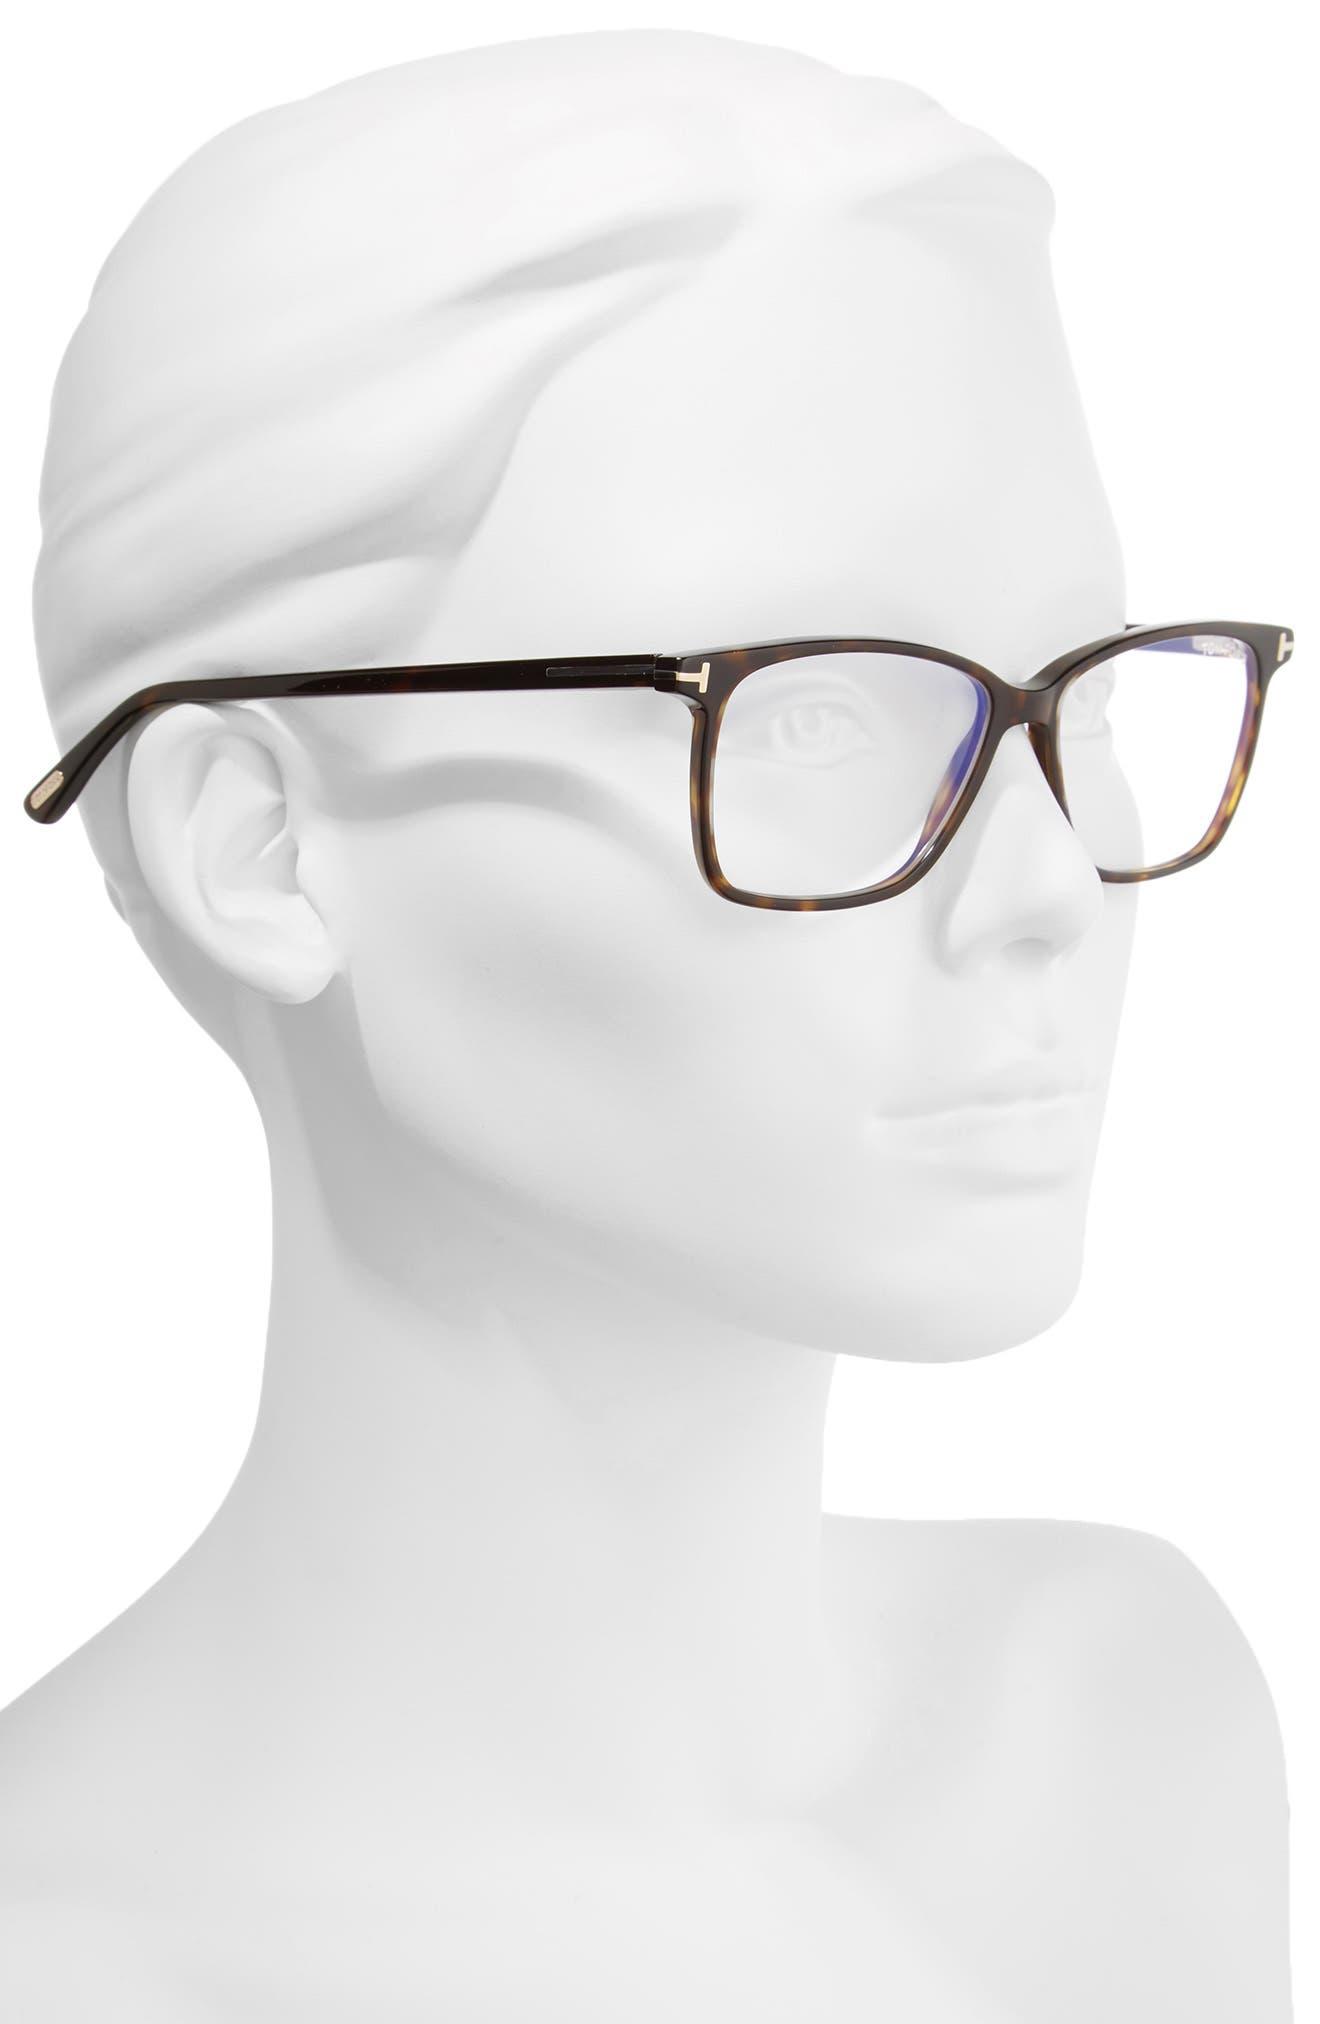 55mm Blue Block Optical Glasses,                             Alternate thumbnail 2, color,                             DARK HAVANA/ BLUE